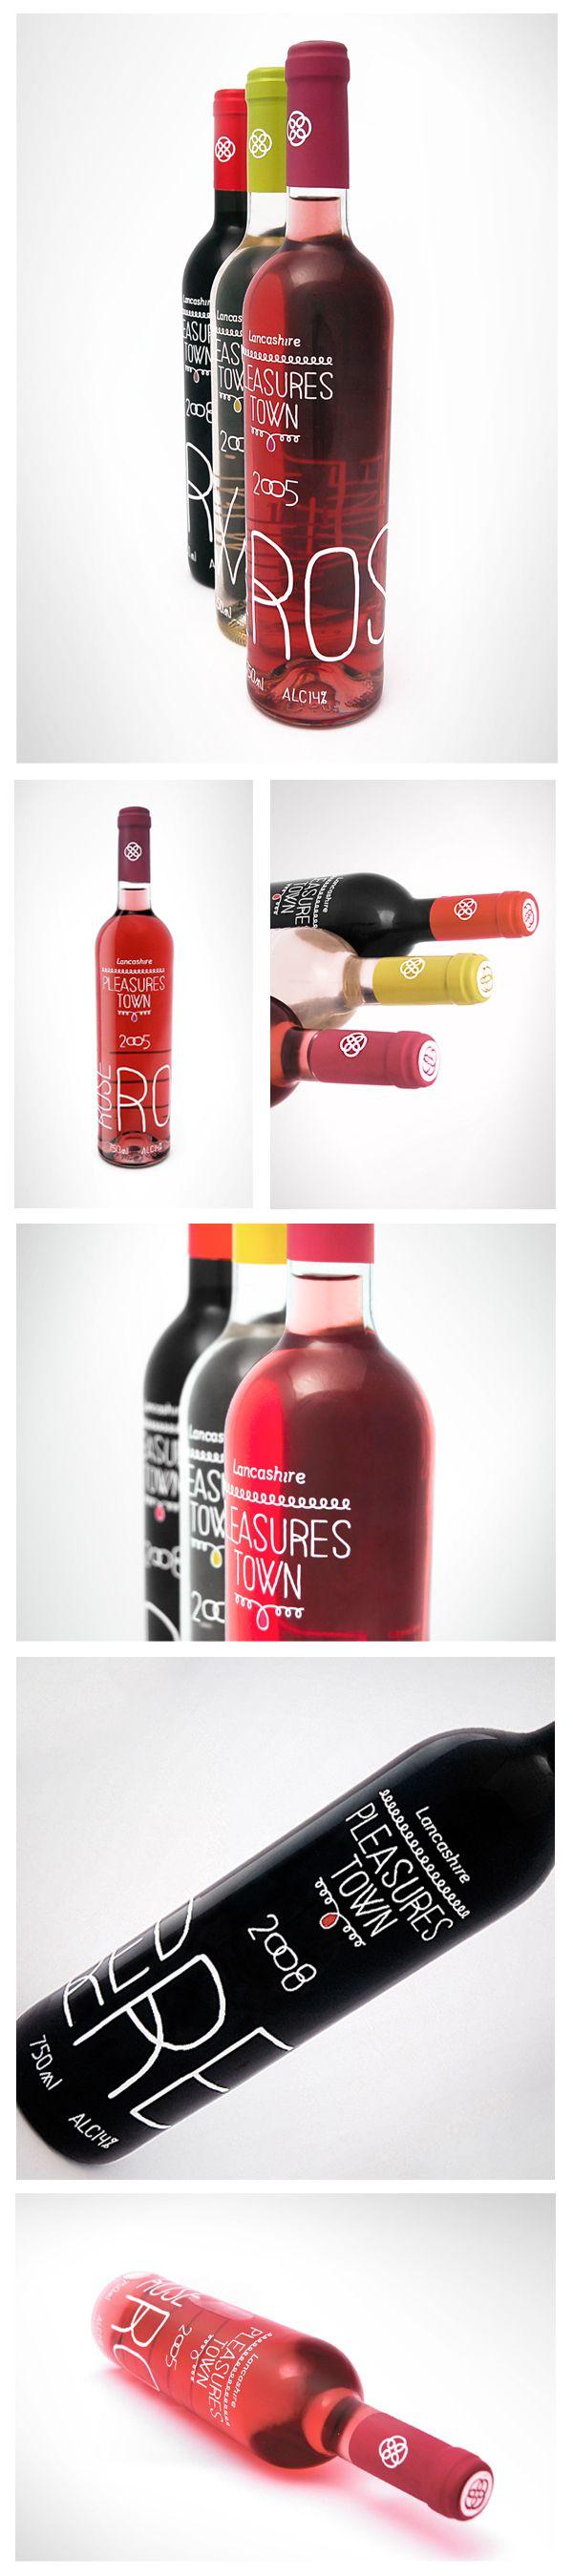 Pleasures Town Wines / Label Design by Dário P. Galichó, via Behance